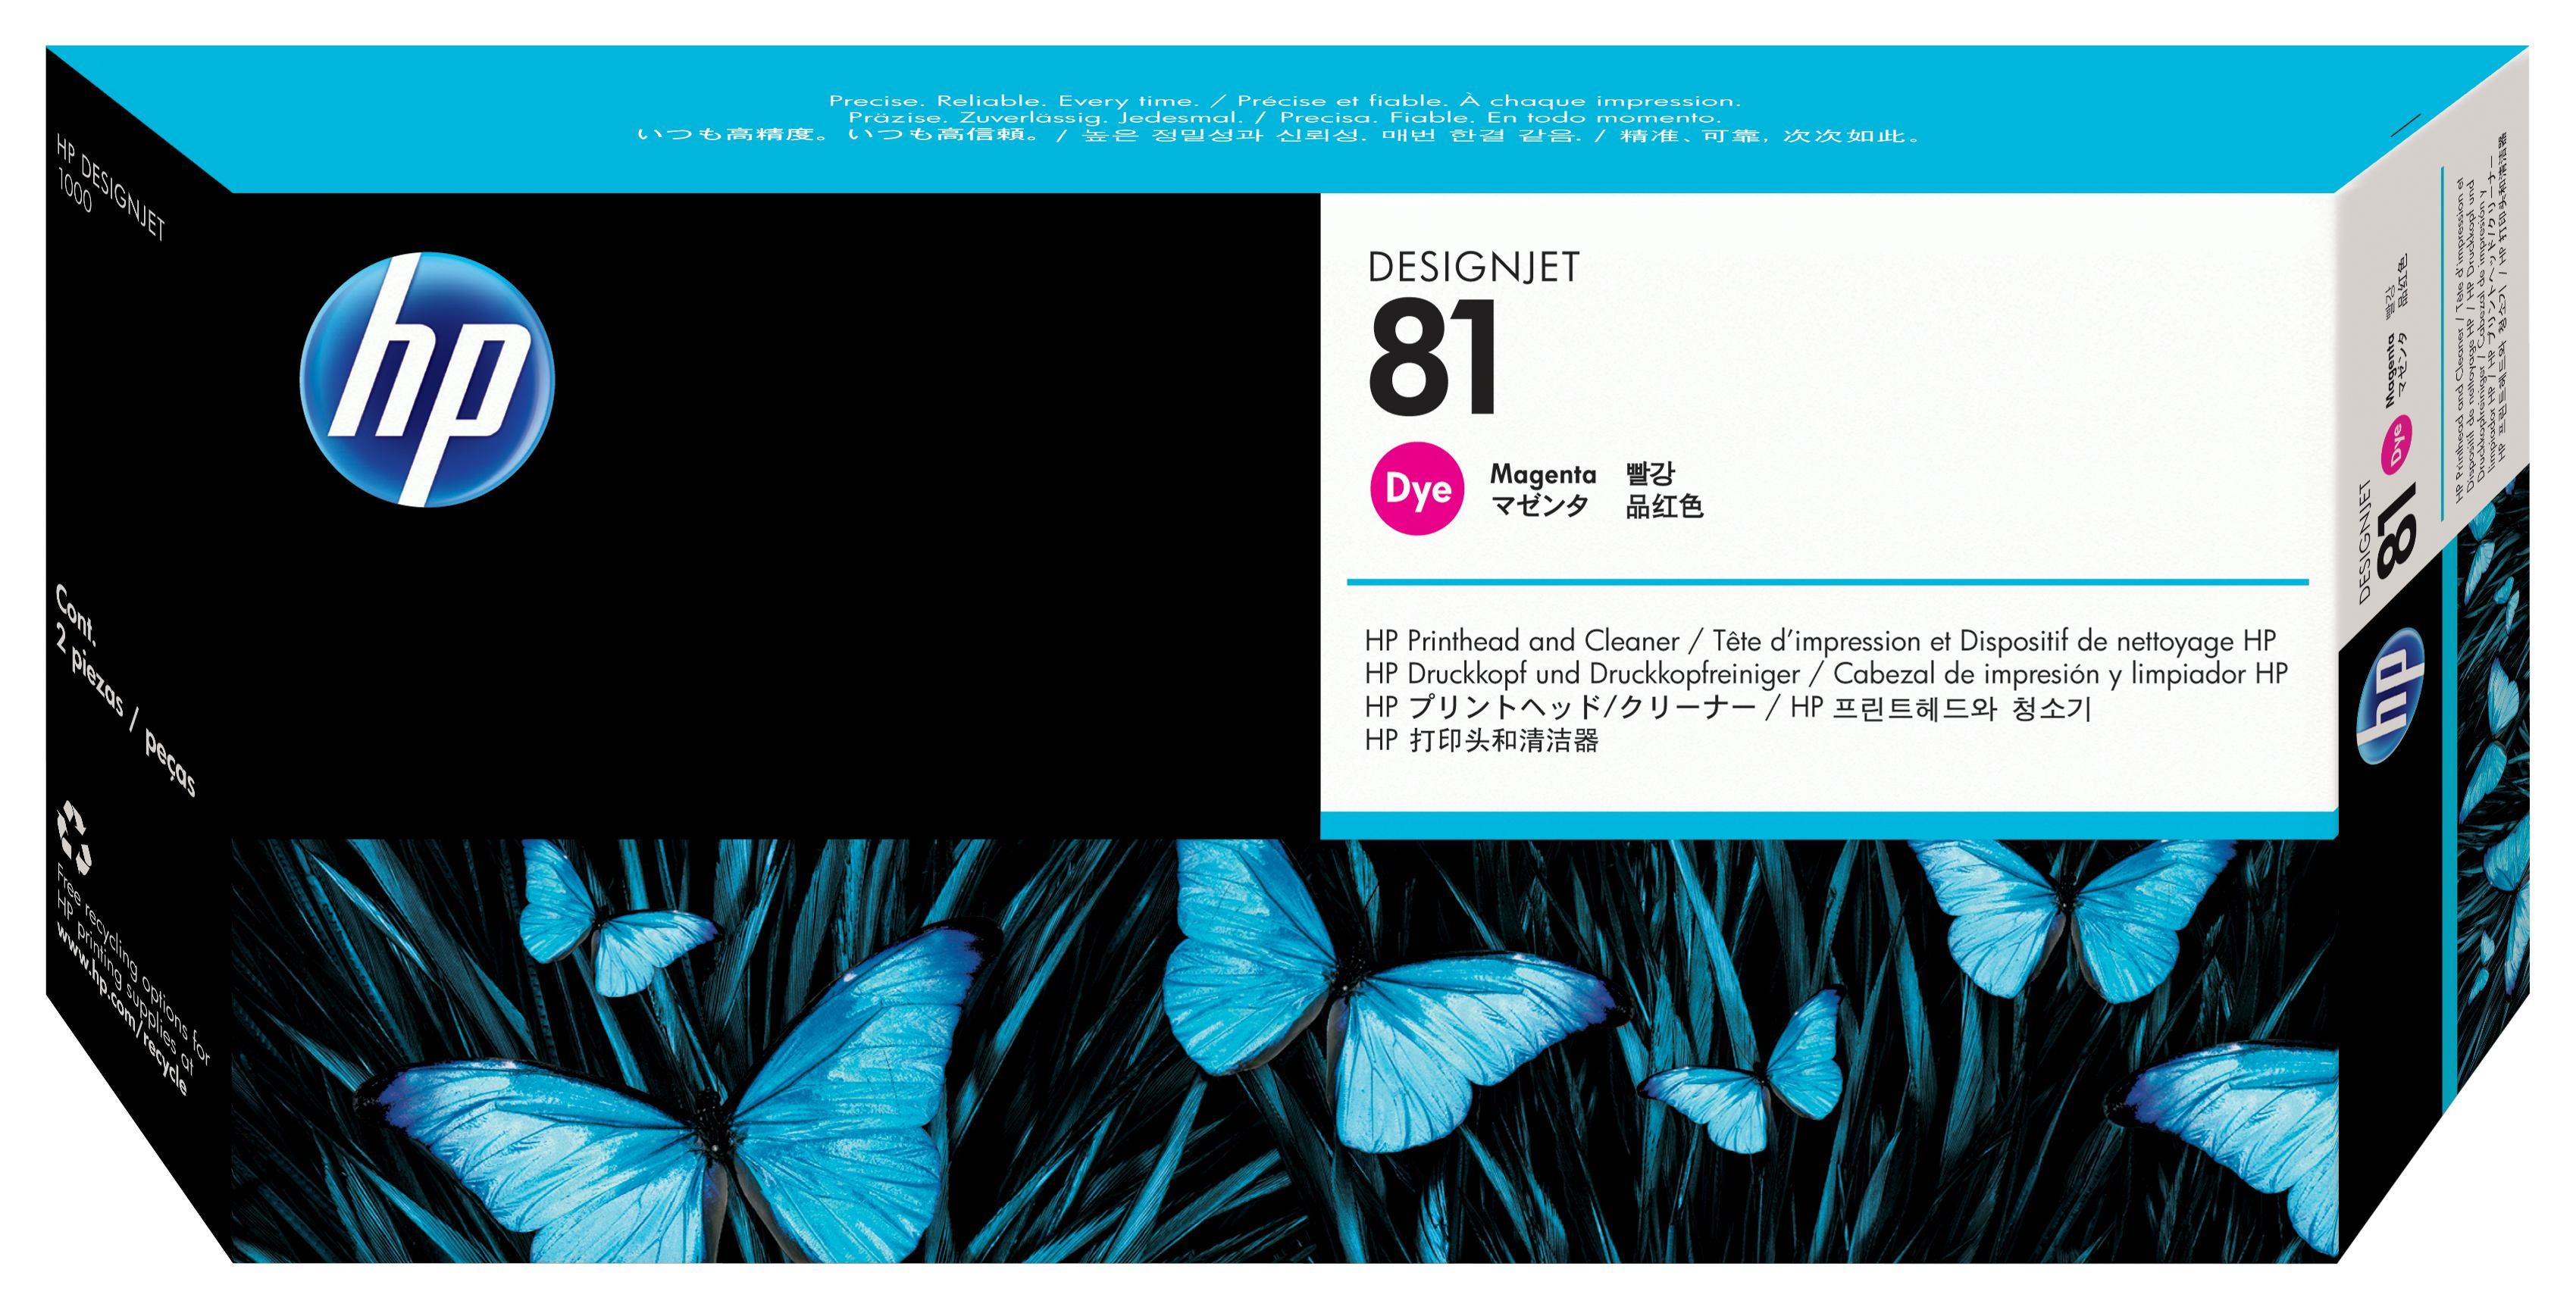 2022274-HP-Testina-di-stampa-dye-e-dispositivi-di-pulizia-magenta-DesignJet-81